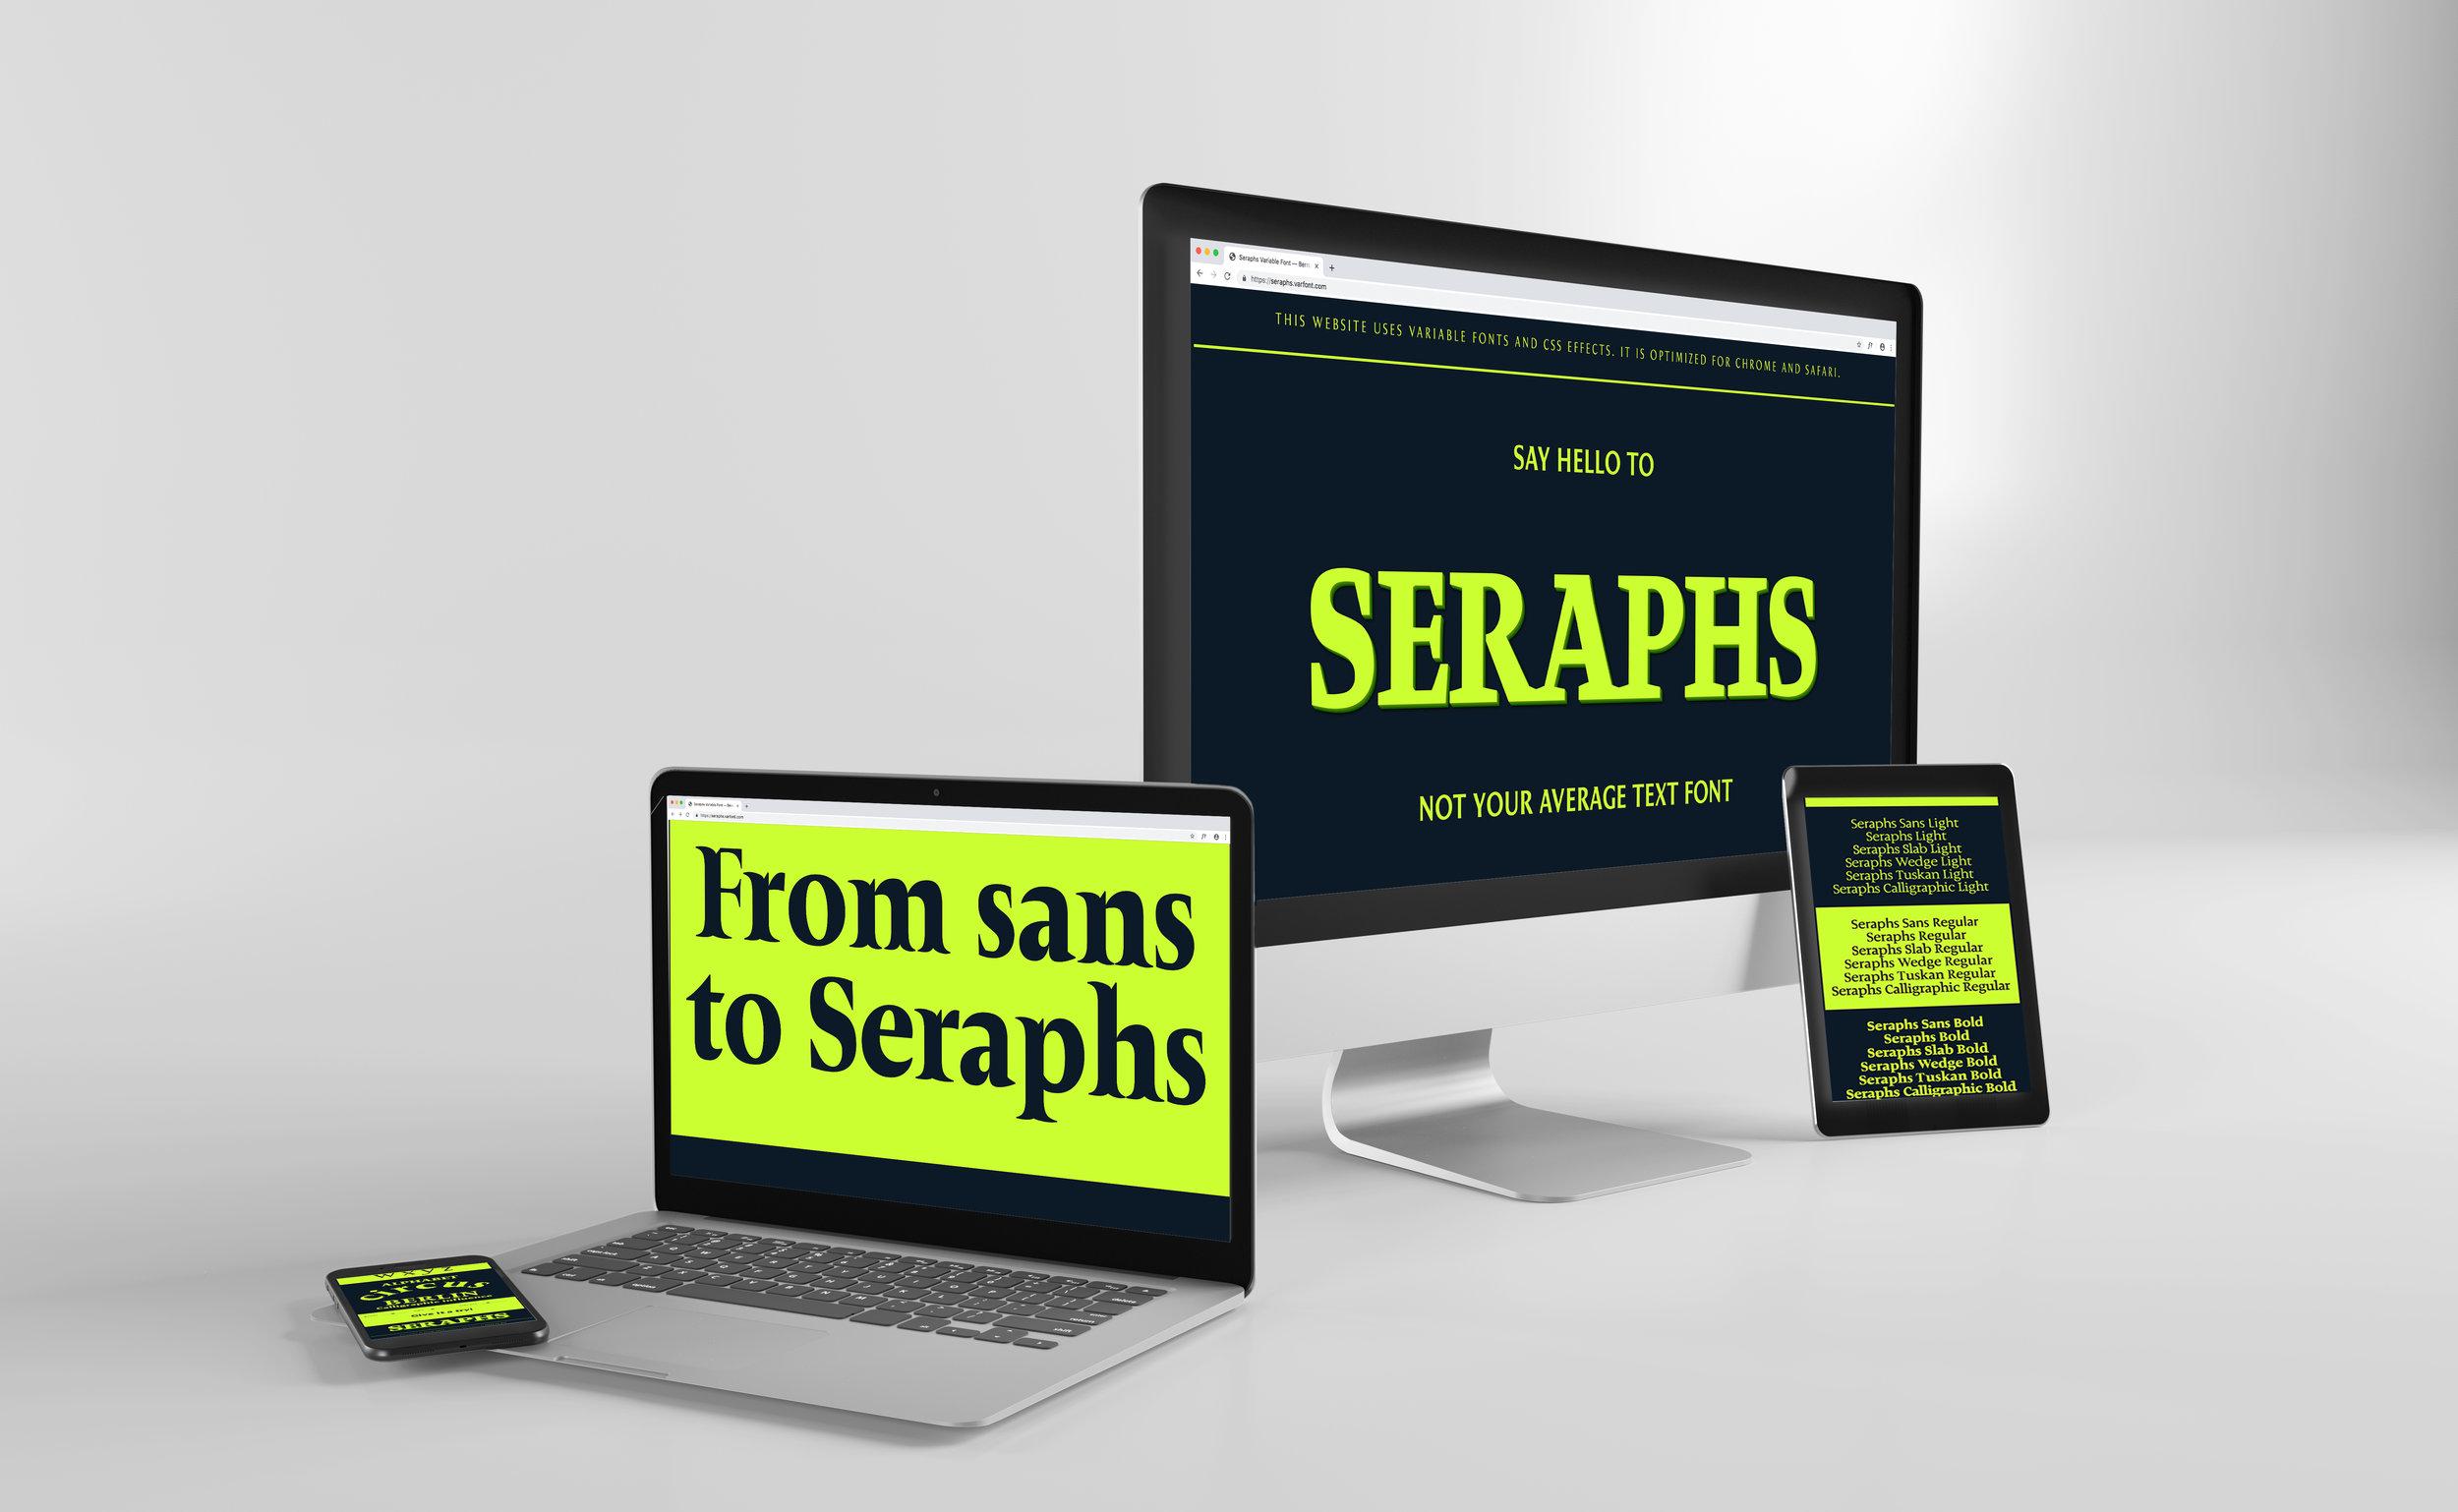 SeraphsWebsiteBVolmer.jpg